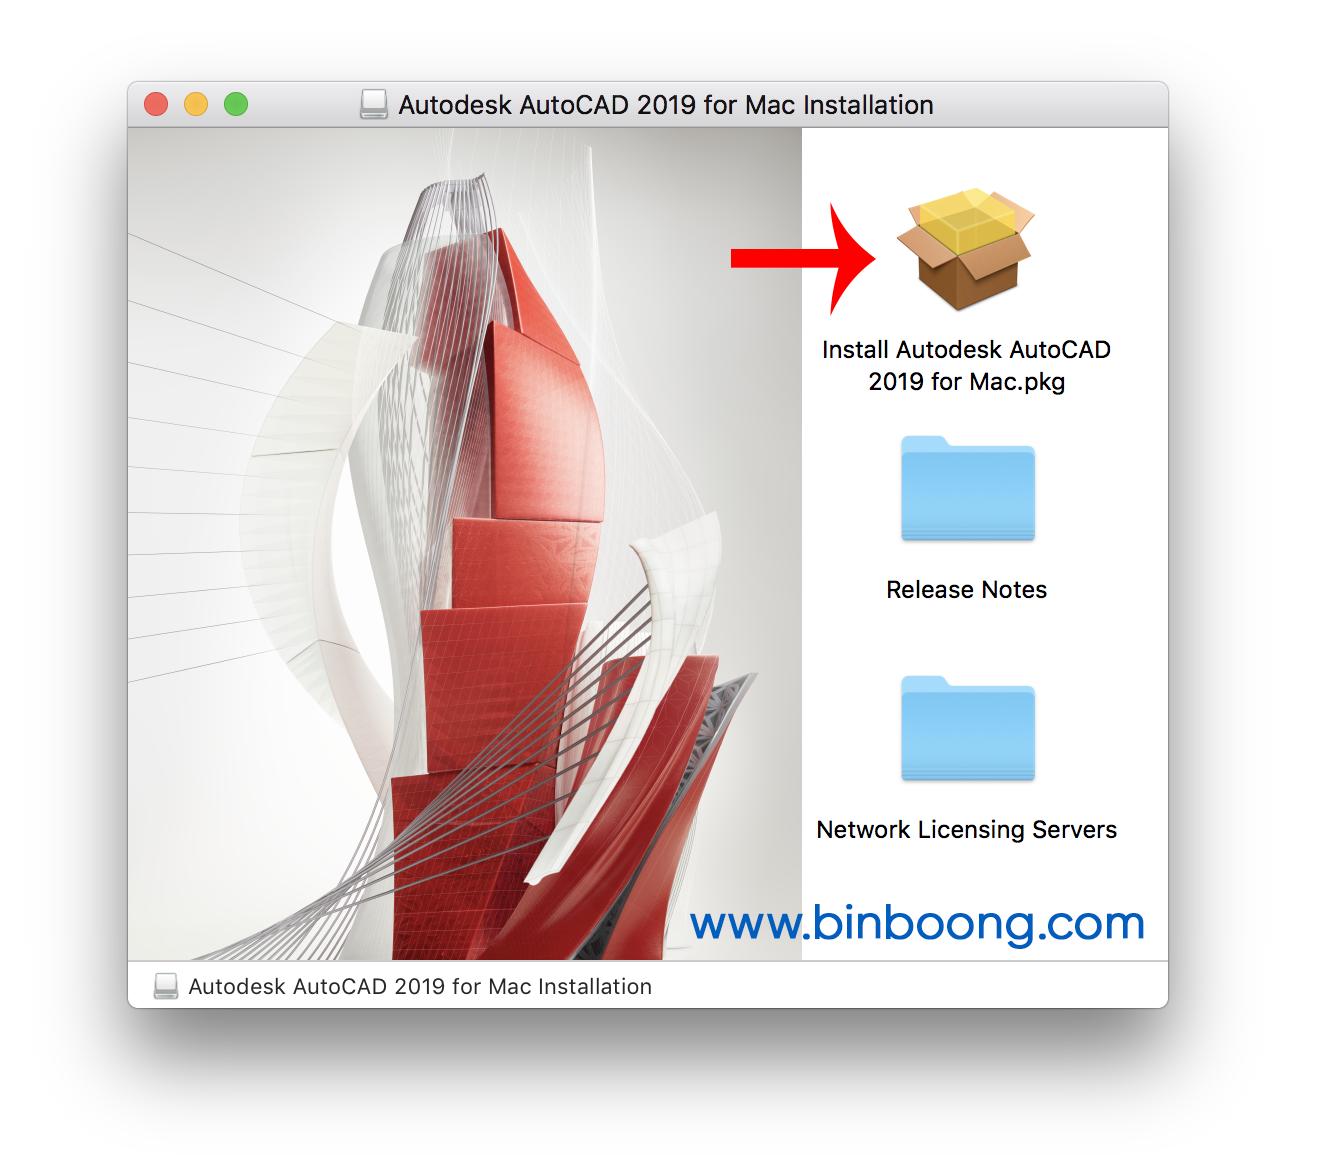 Hướng dẫn cài đặt AutoCAD 2019 cho Mac Full bản quyền